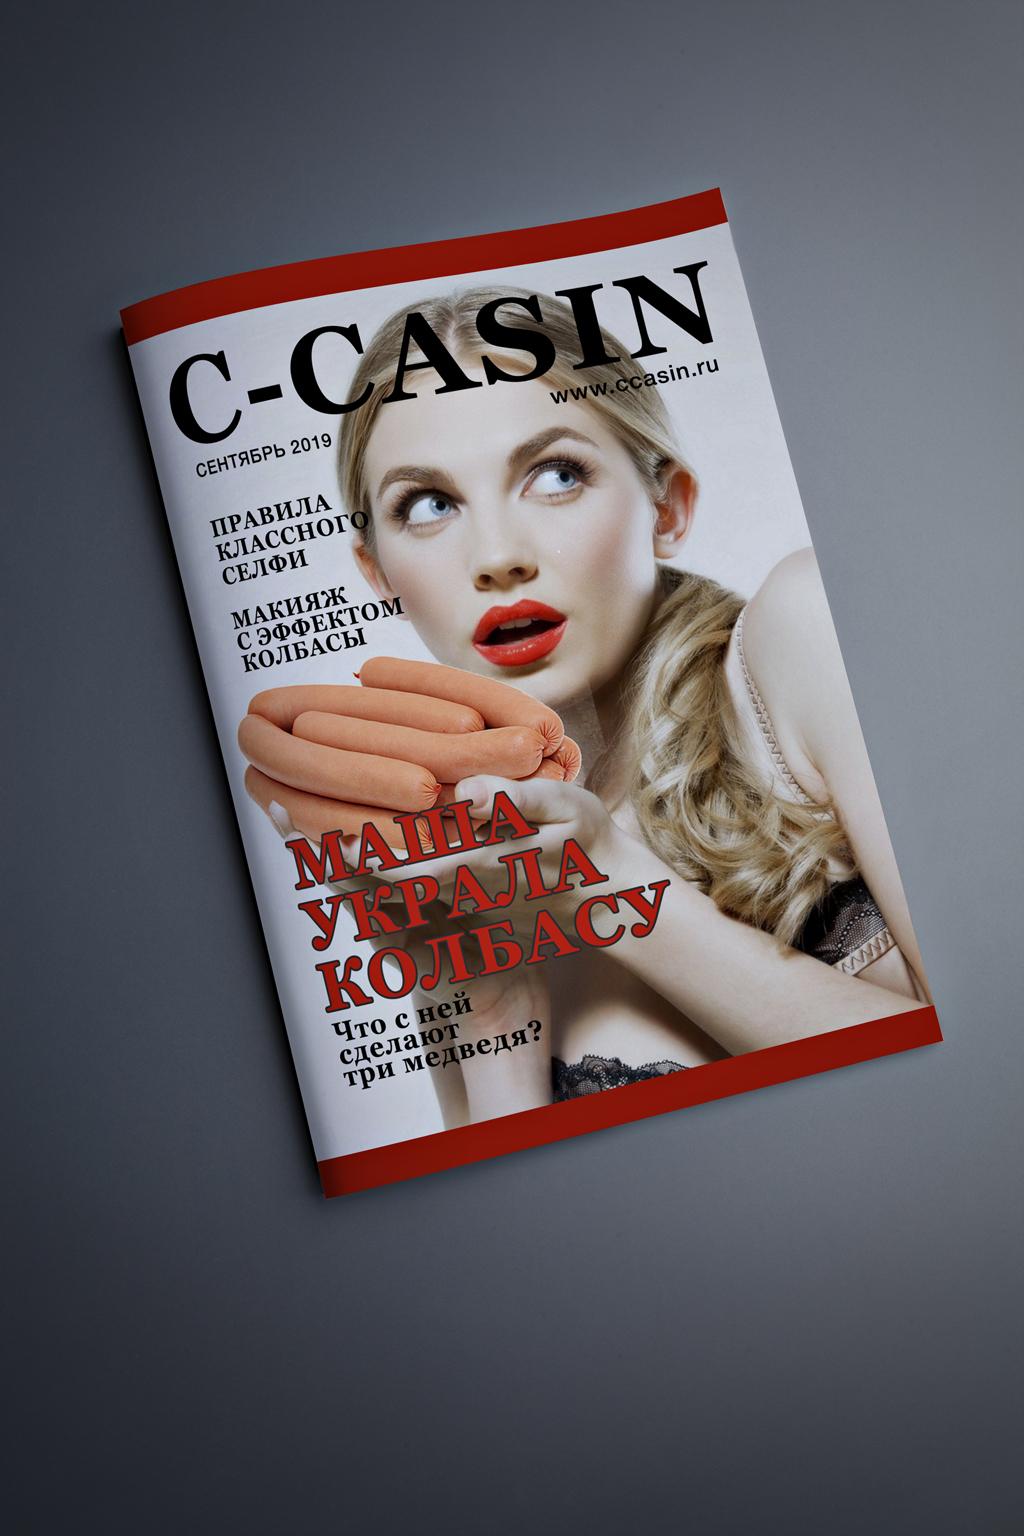 Полиграфический дизайн, Журнальный дизайн, Коллаж.  фото f_2295d6d0422199ef.jpg